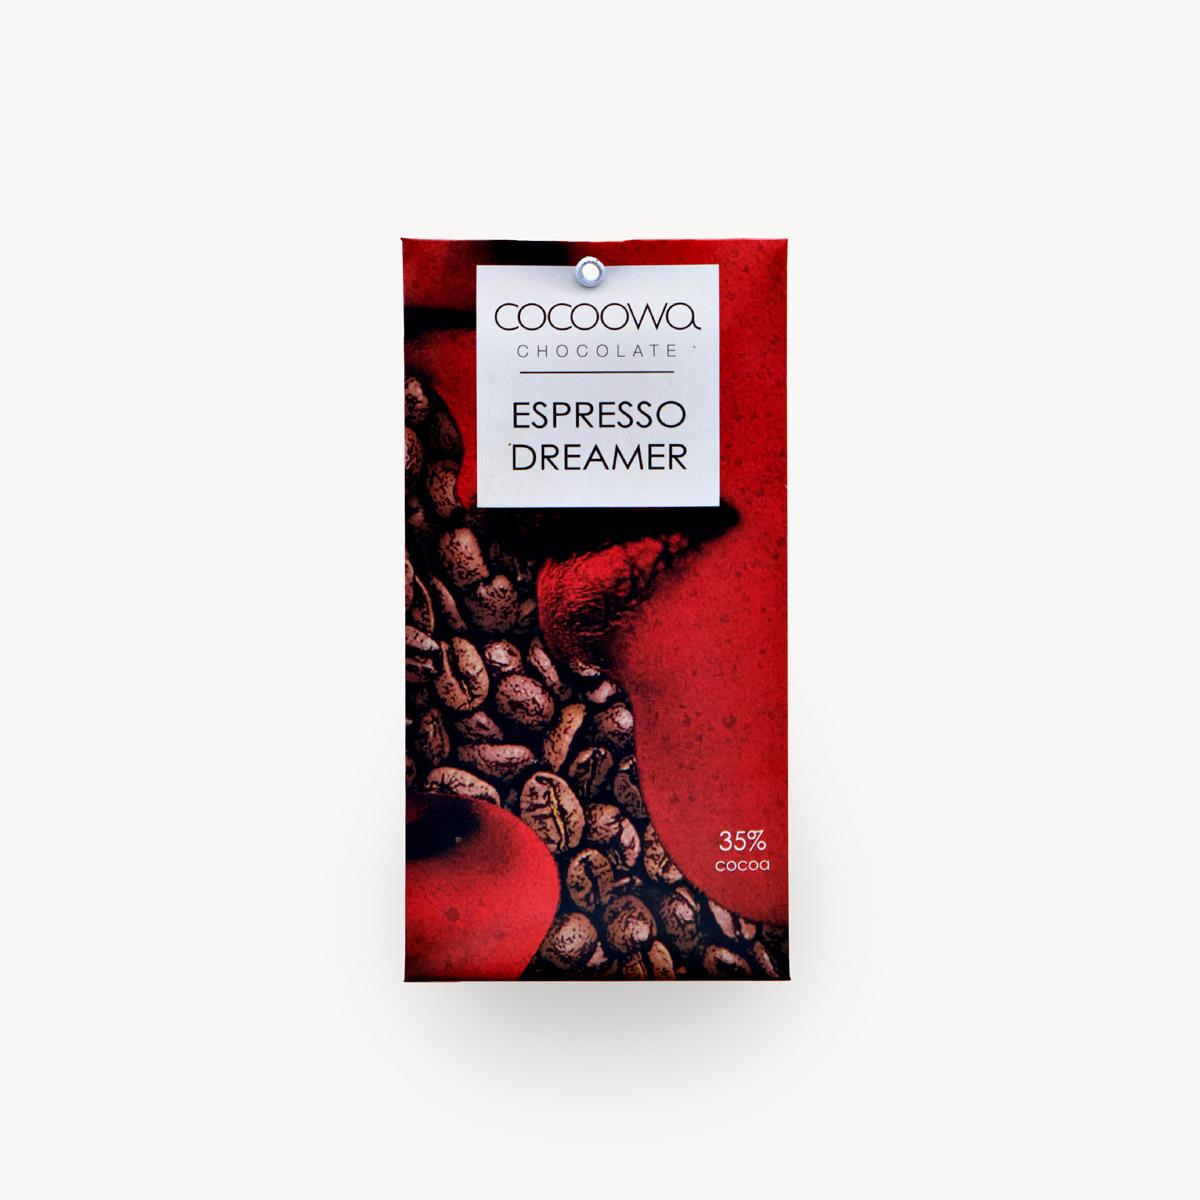 Εξώφυλλο σοκολάτας Espresson Dreamer